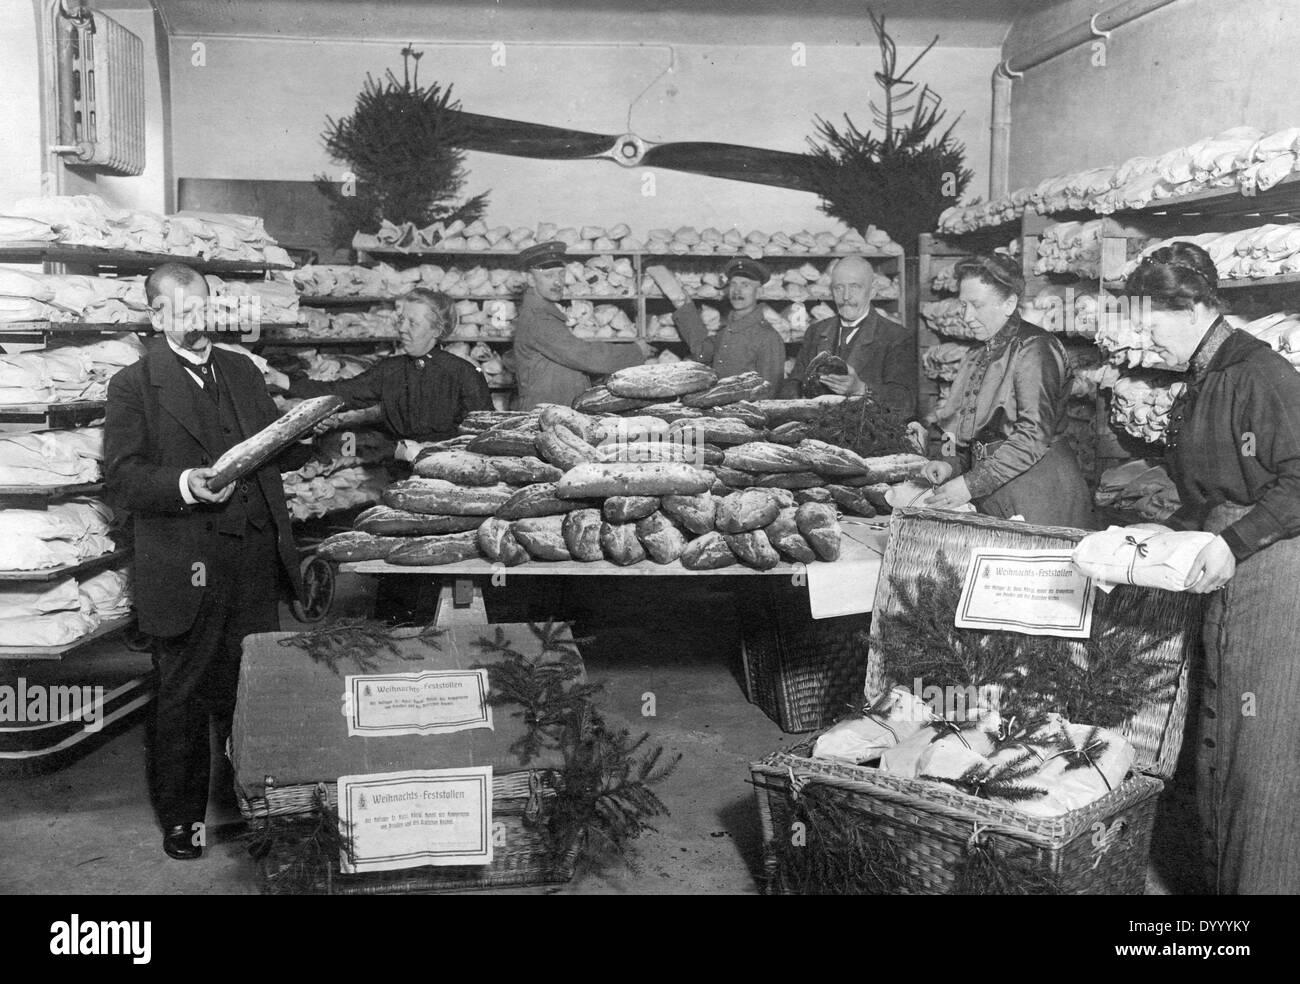 Weihnachts-Spenden für deutsche vorderen Soldaten, 1917 Stockfoto ...